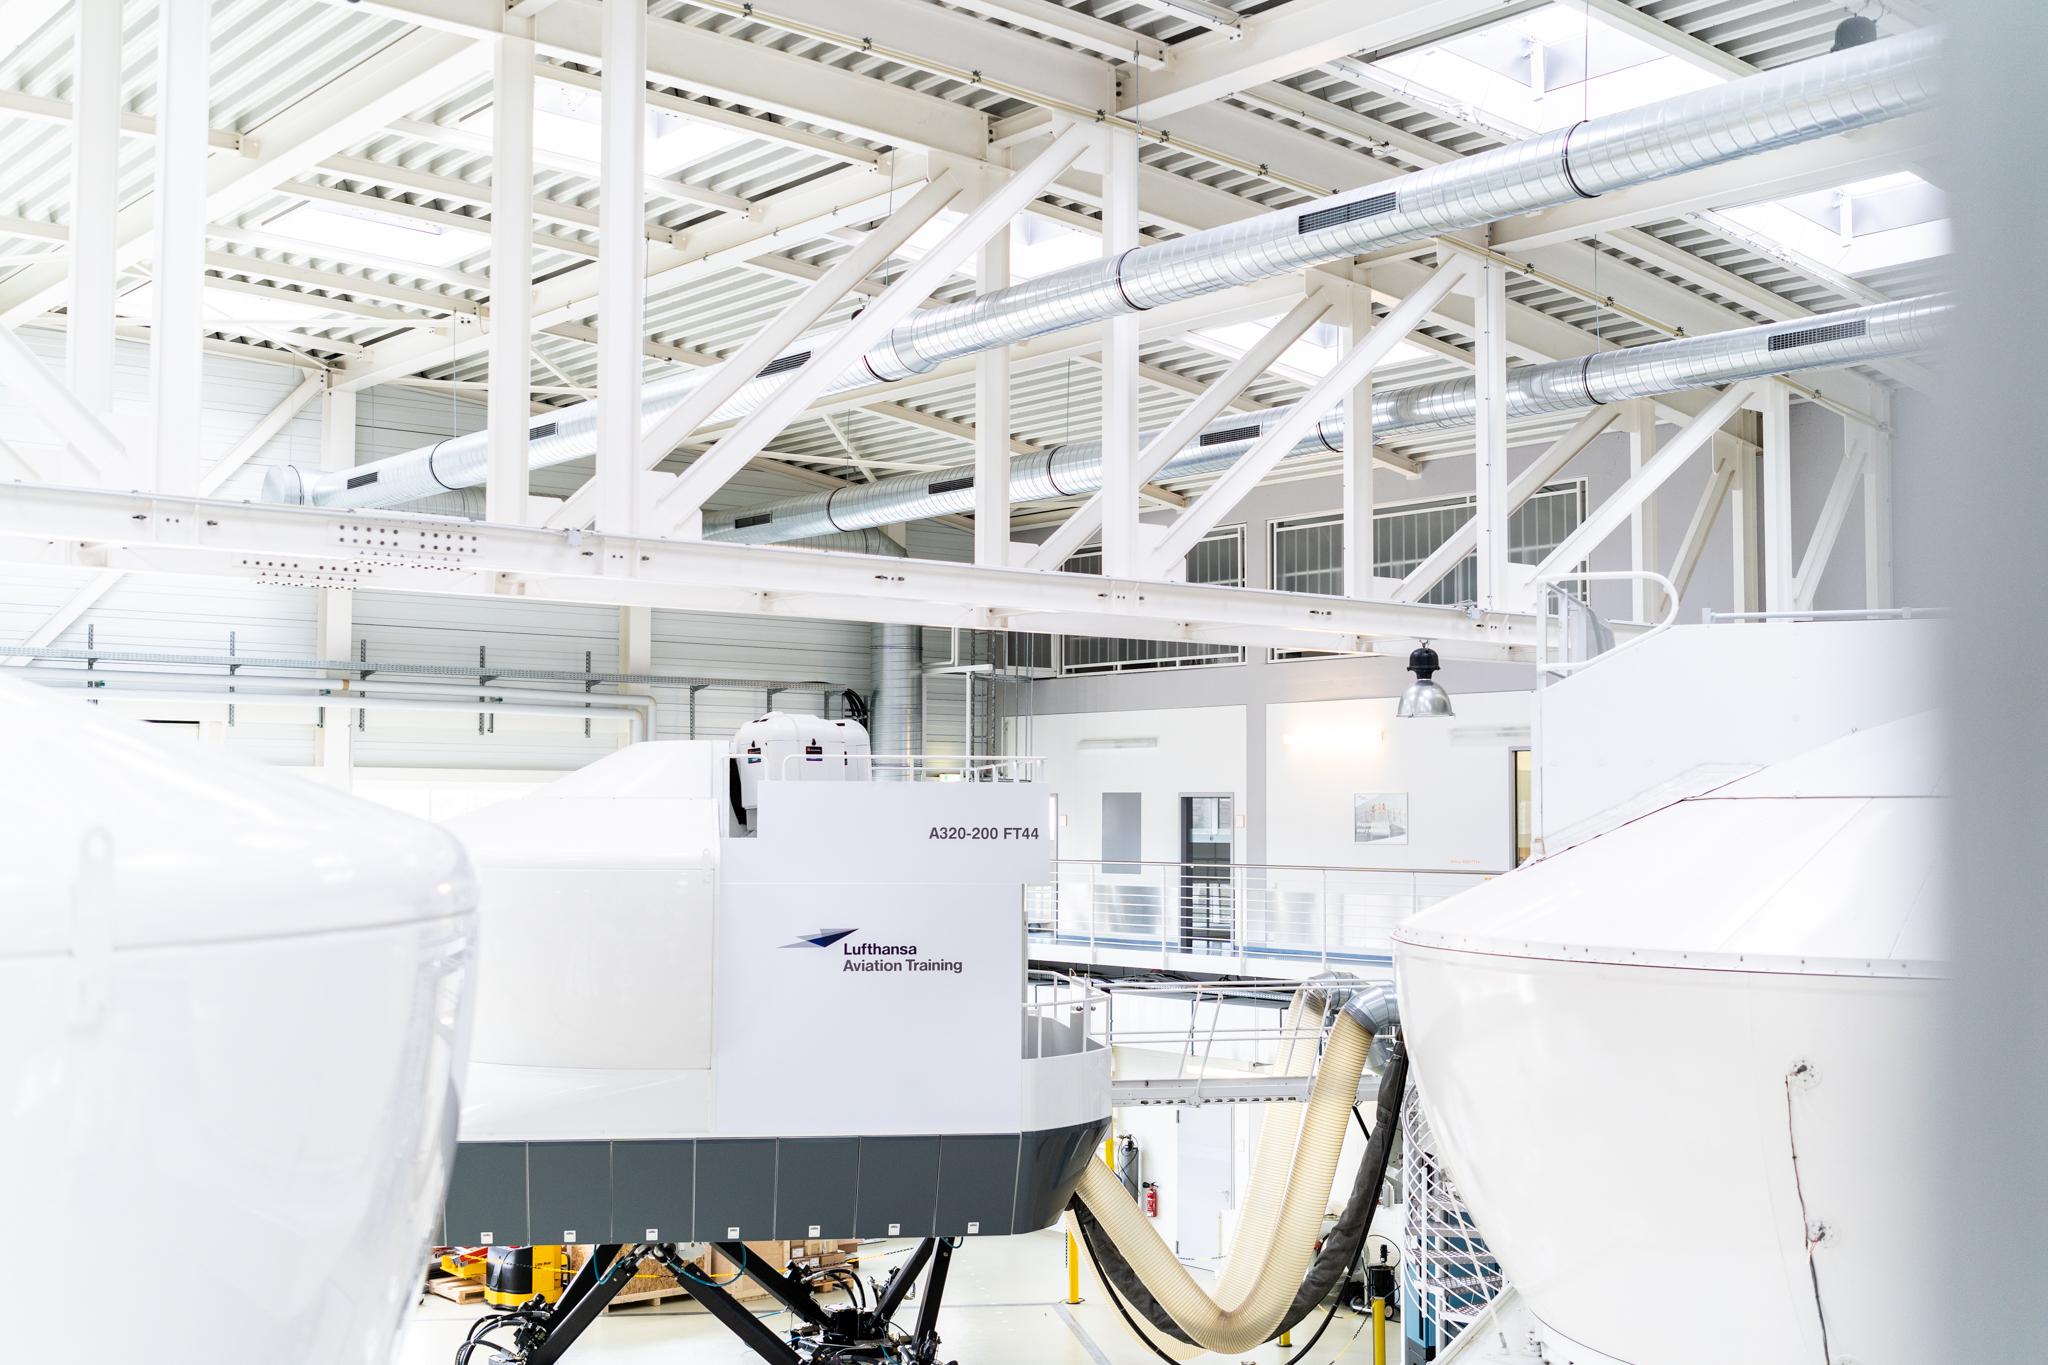 Lufthansa Aviation Training extends simulator fleet and expands